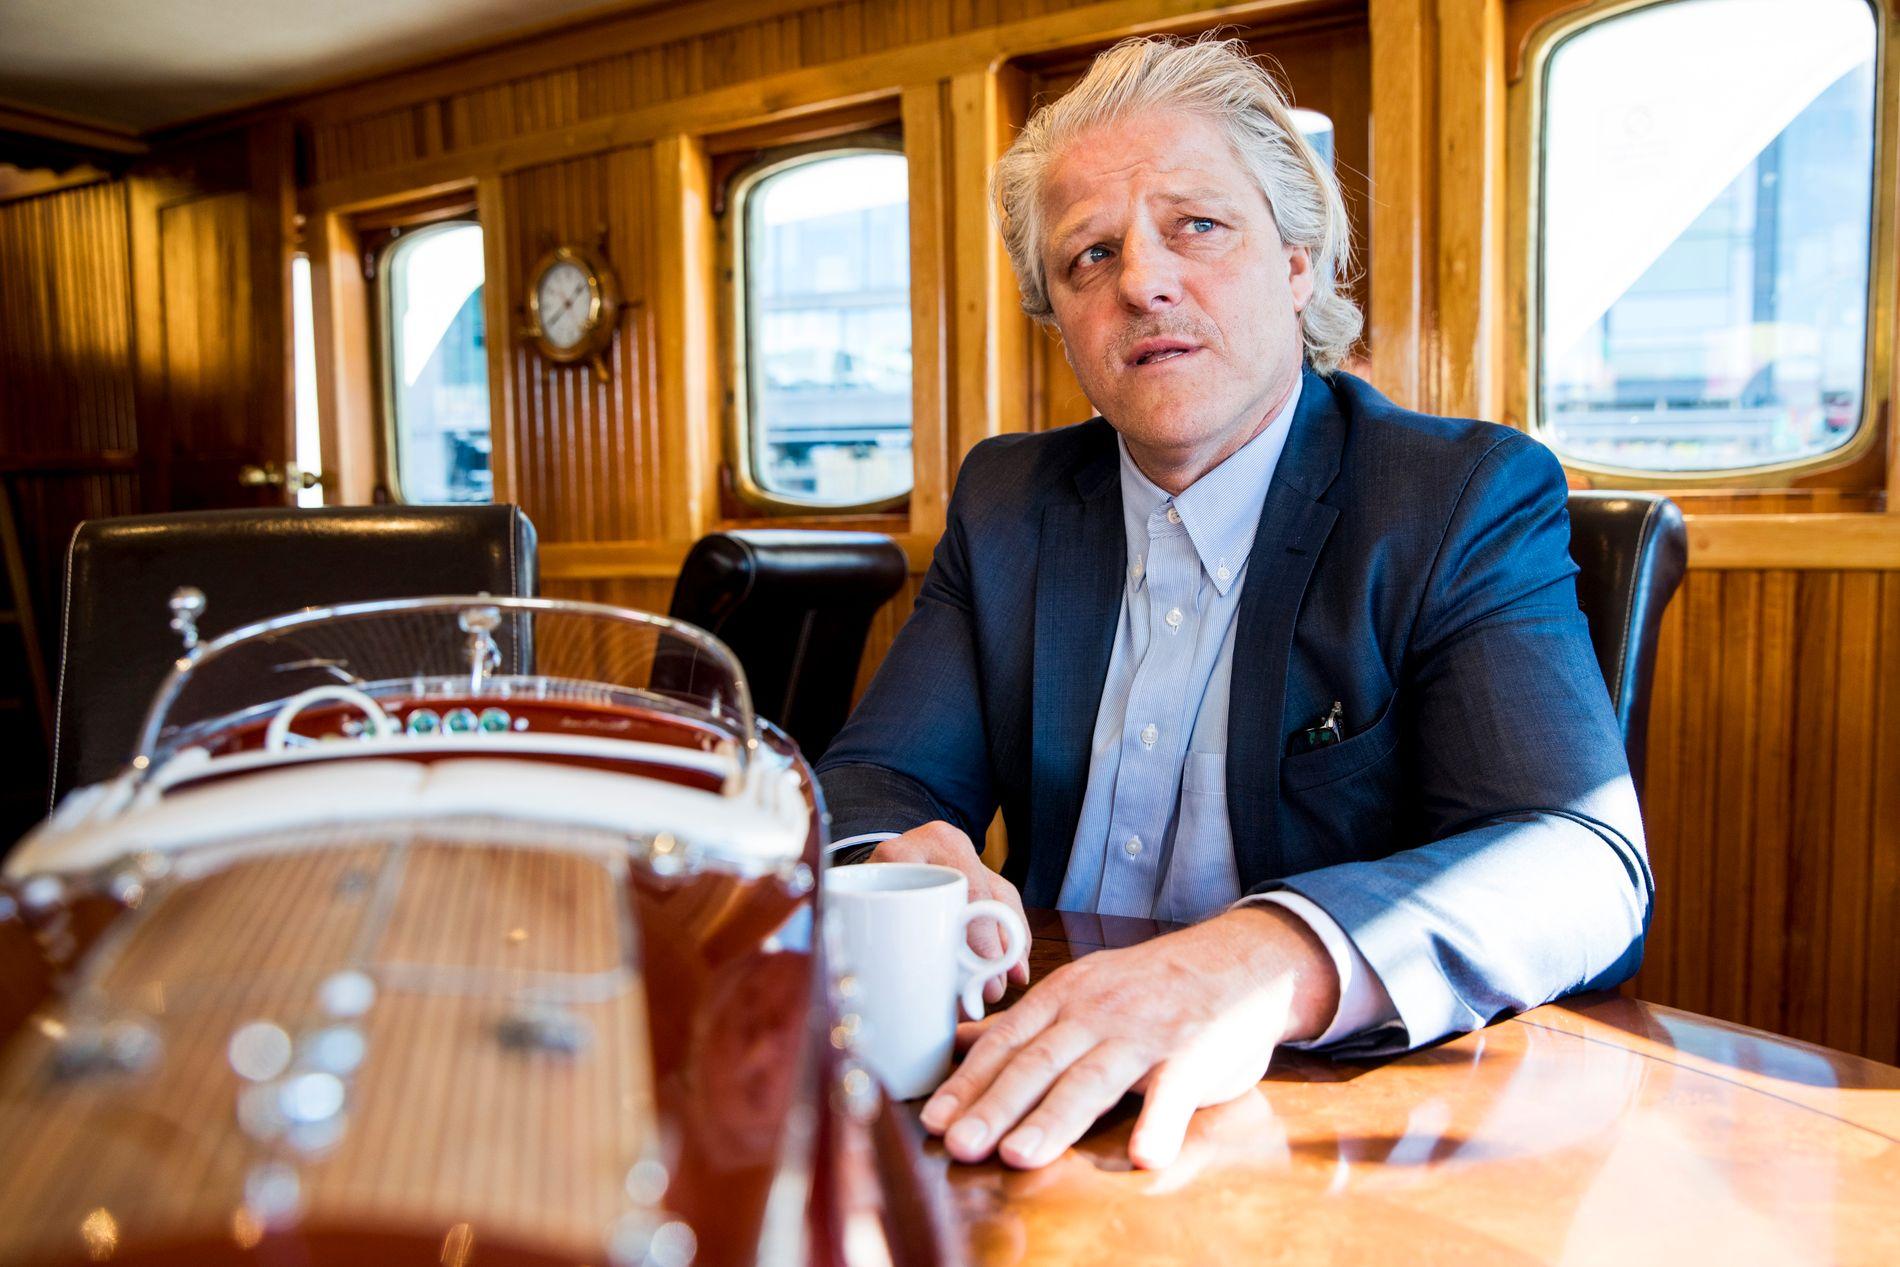 INDUSTRIEVENTYR: Investor Asbjørn Abrahamsen mener obligasjonseierne må godta tilbudet fra Norwegian, og redde det han betegner som det norske folkeeventyret.